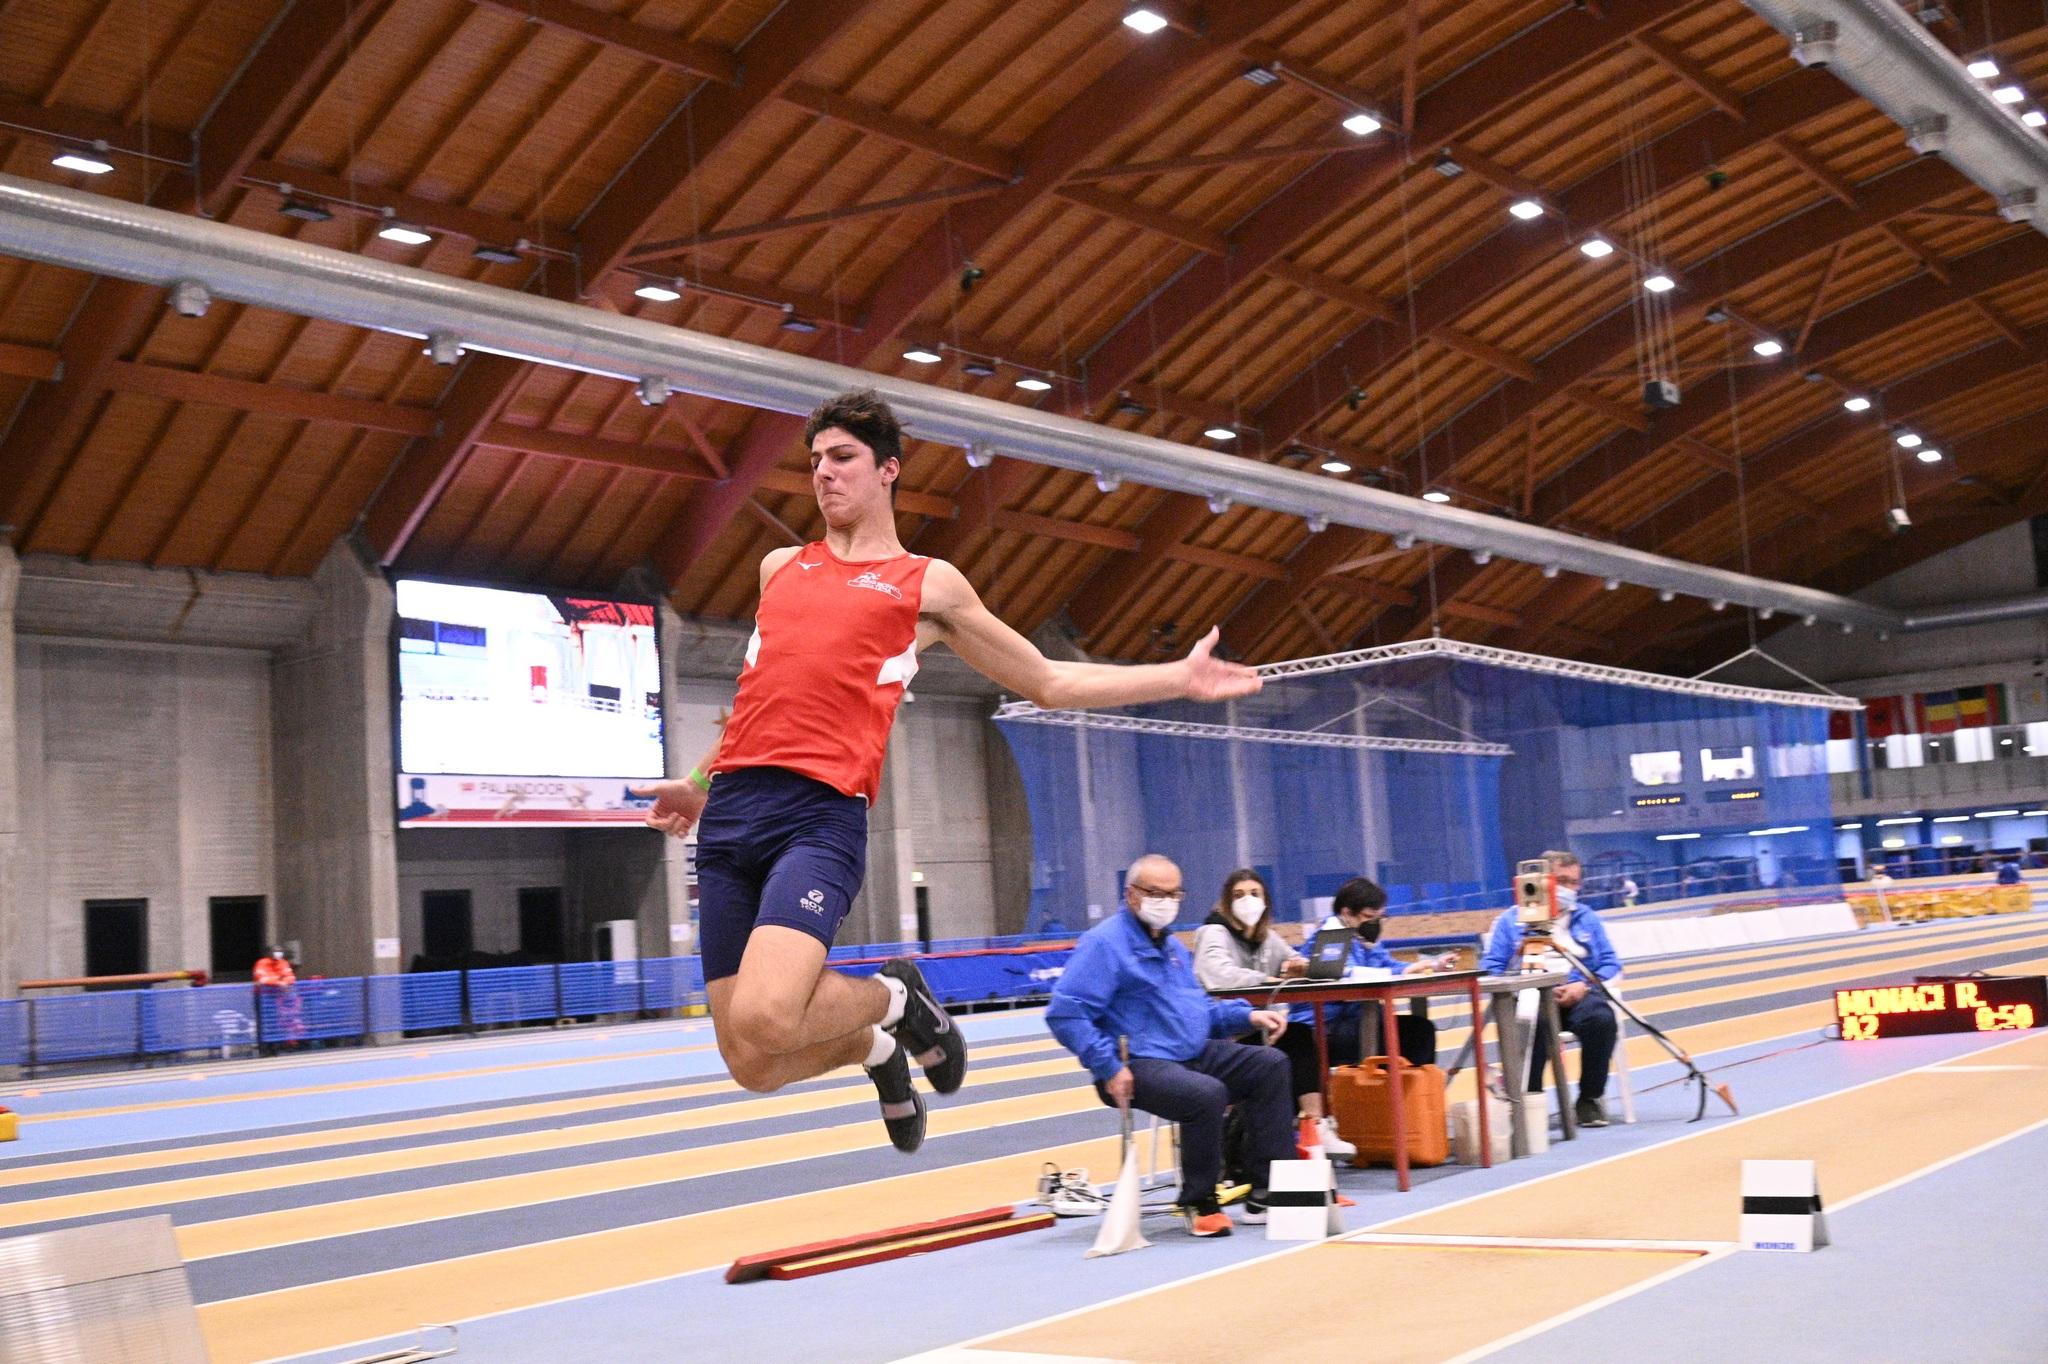 Atletica-il-grossetano-romeo-Monaci-campione-regionale-toscano-pentathlon-under-18-indoor-salto-in-lungo